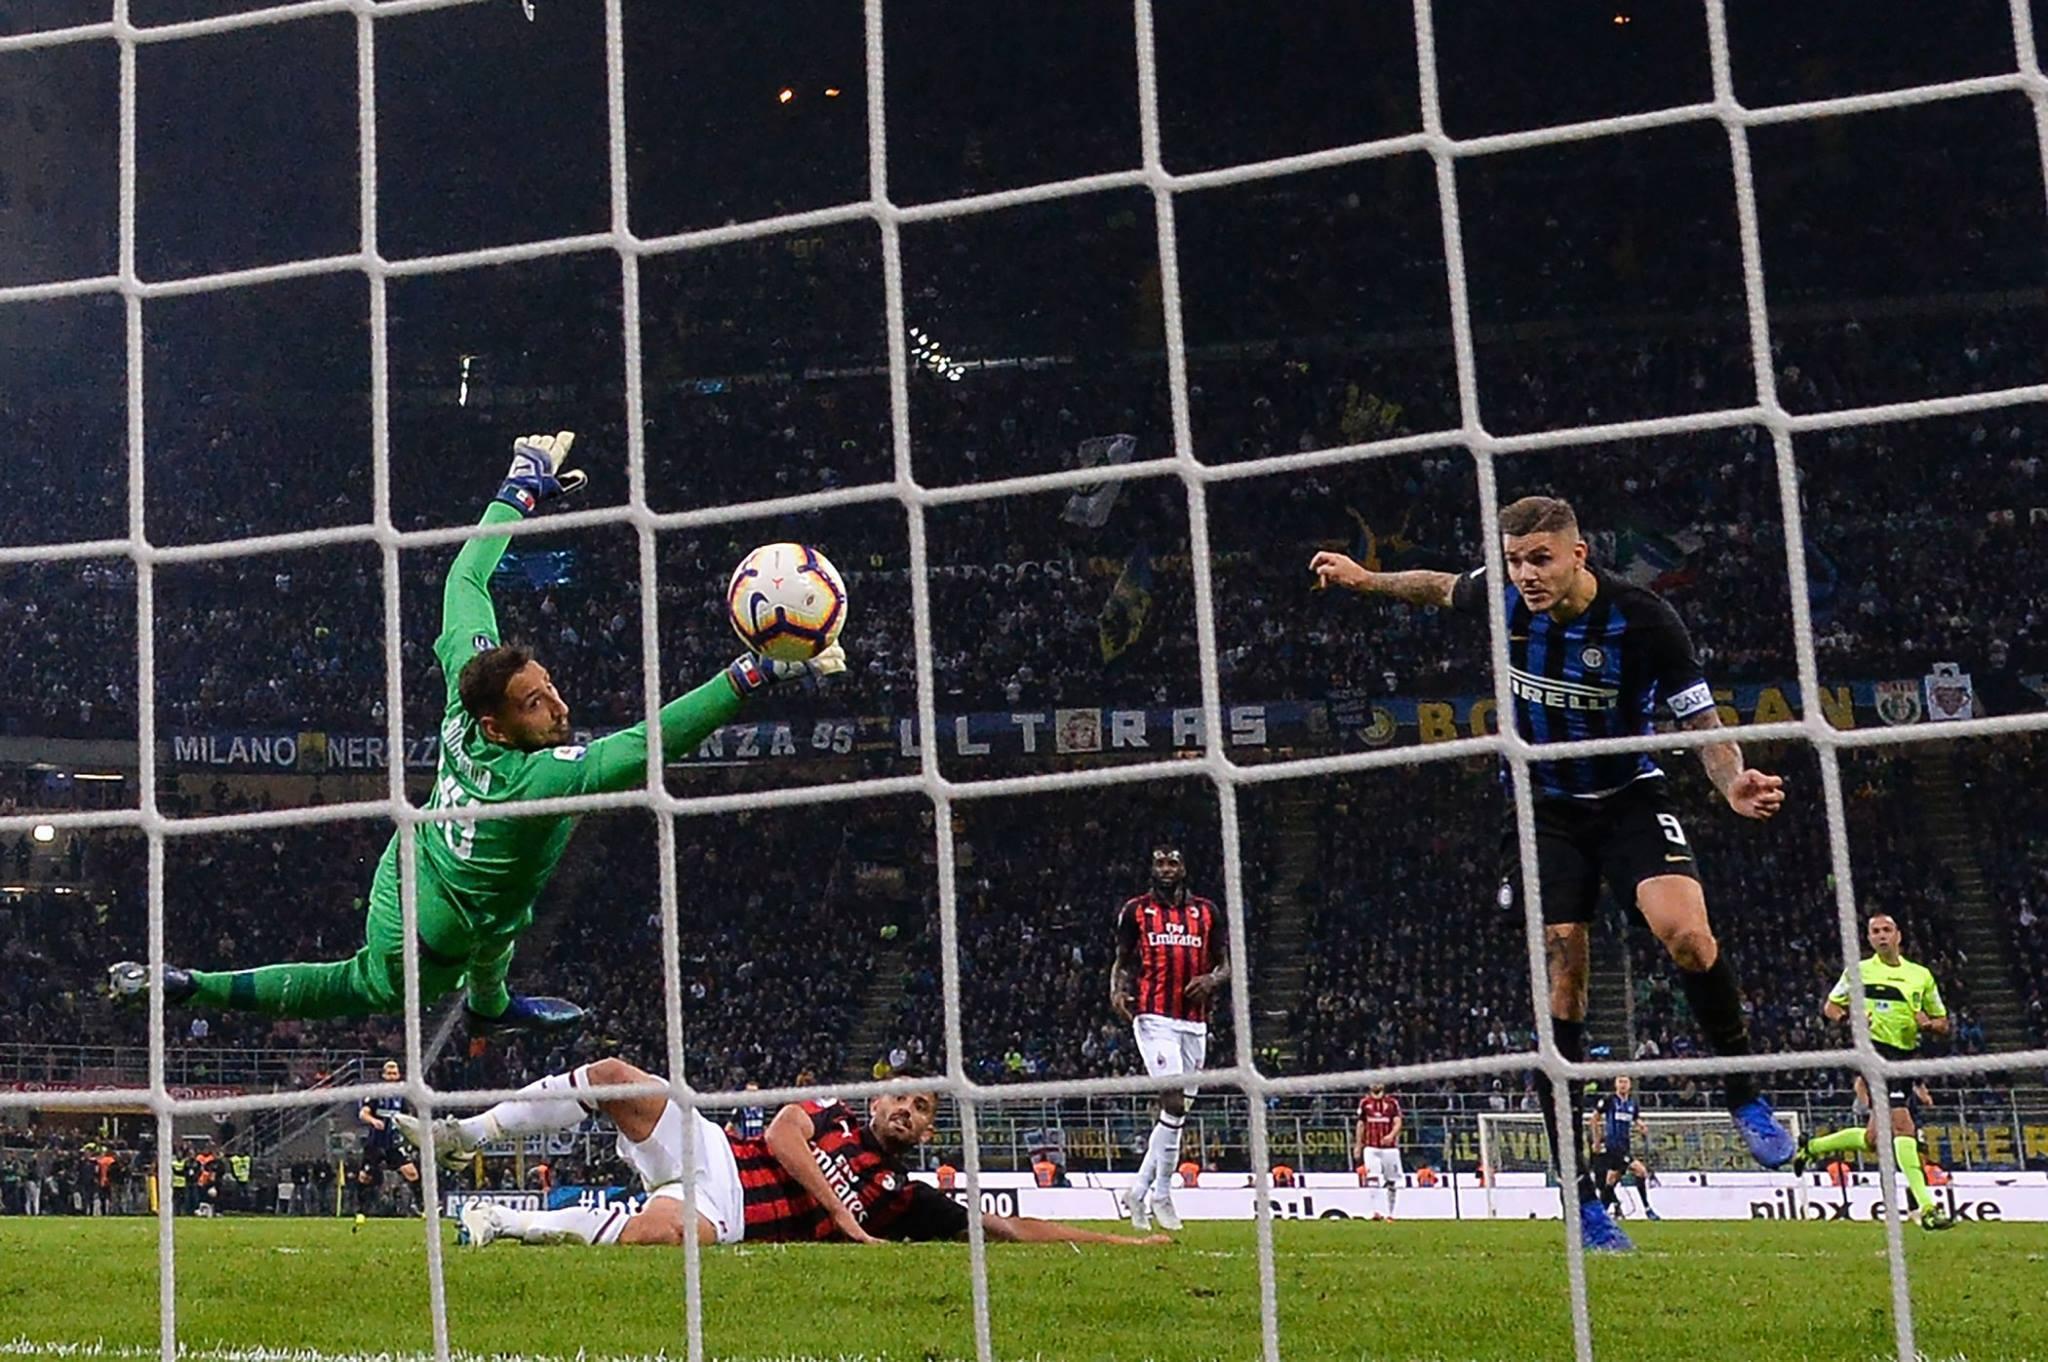 Интер вырвал победу в дерби с Миланом, забив гол в компенсированное время